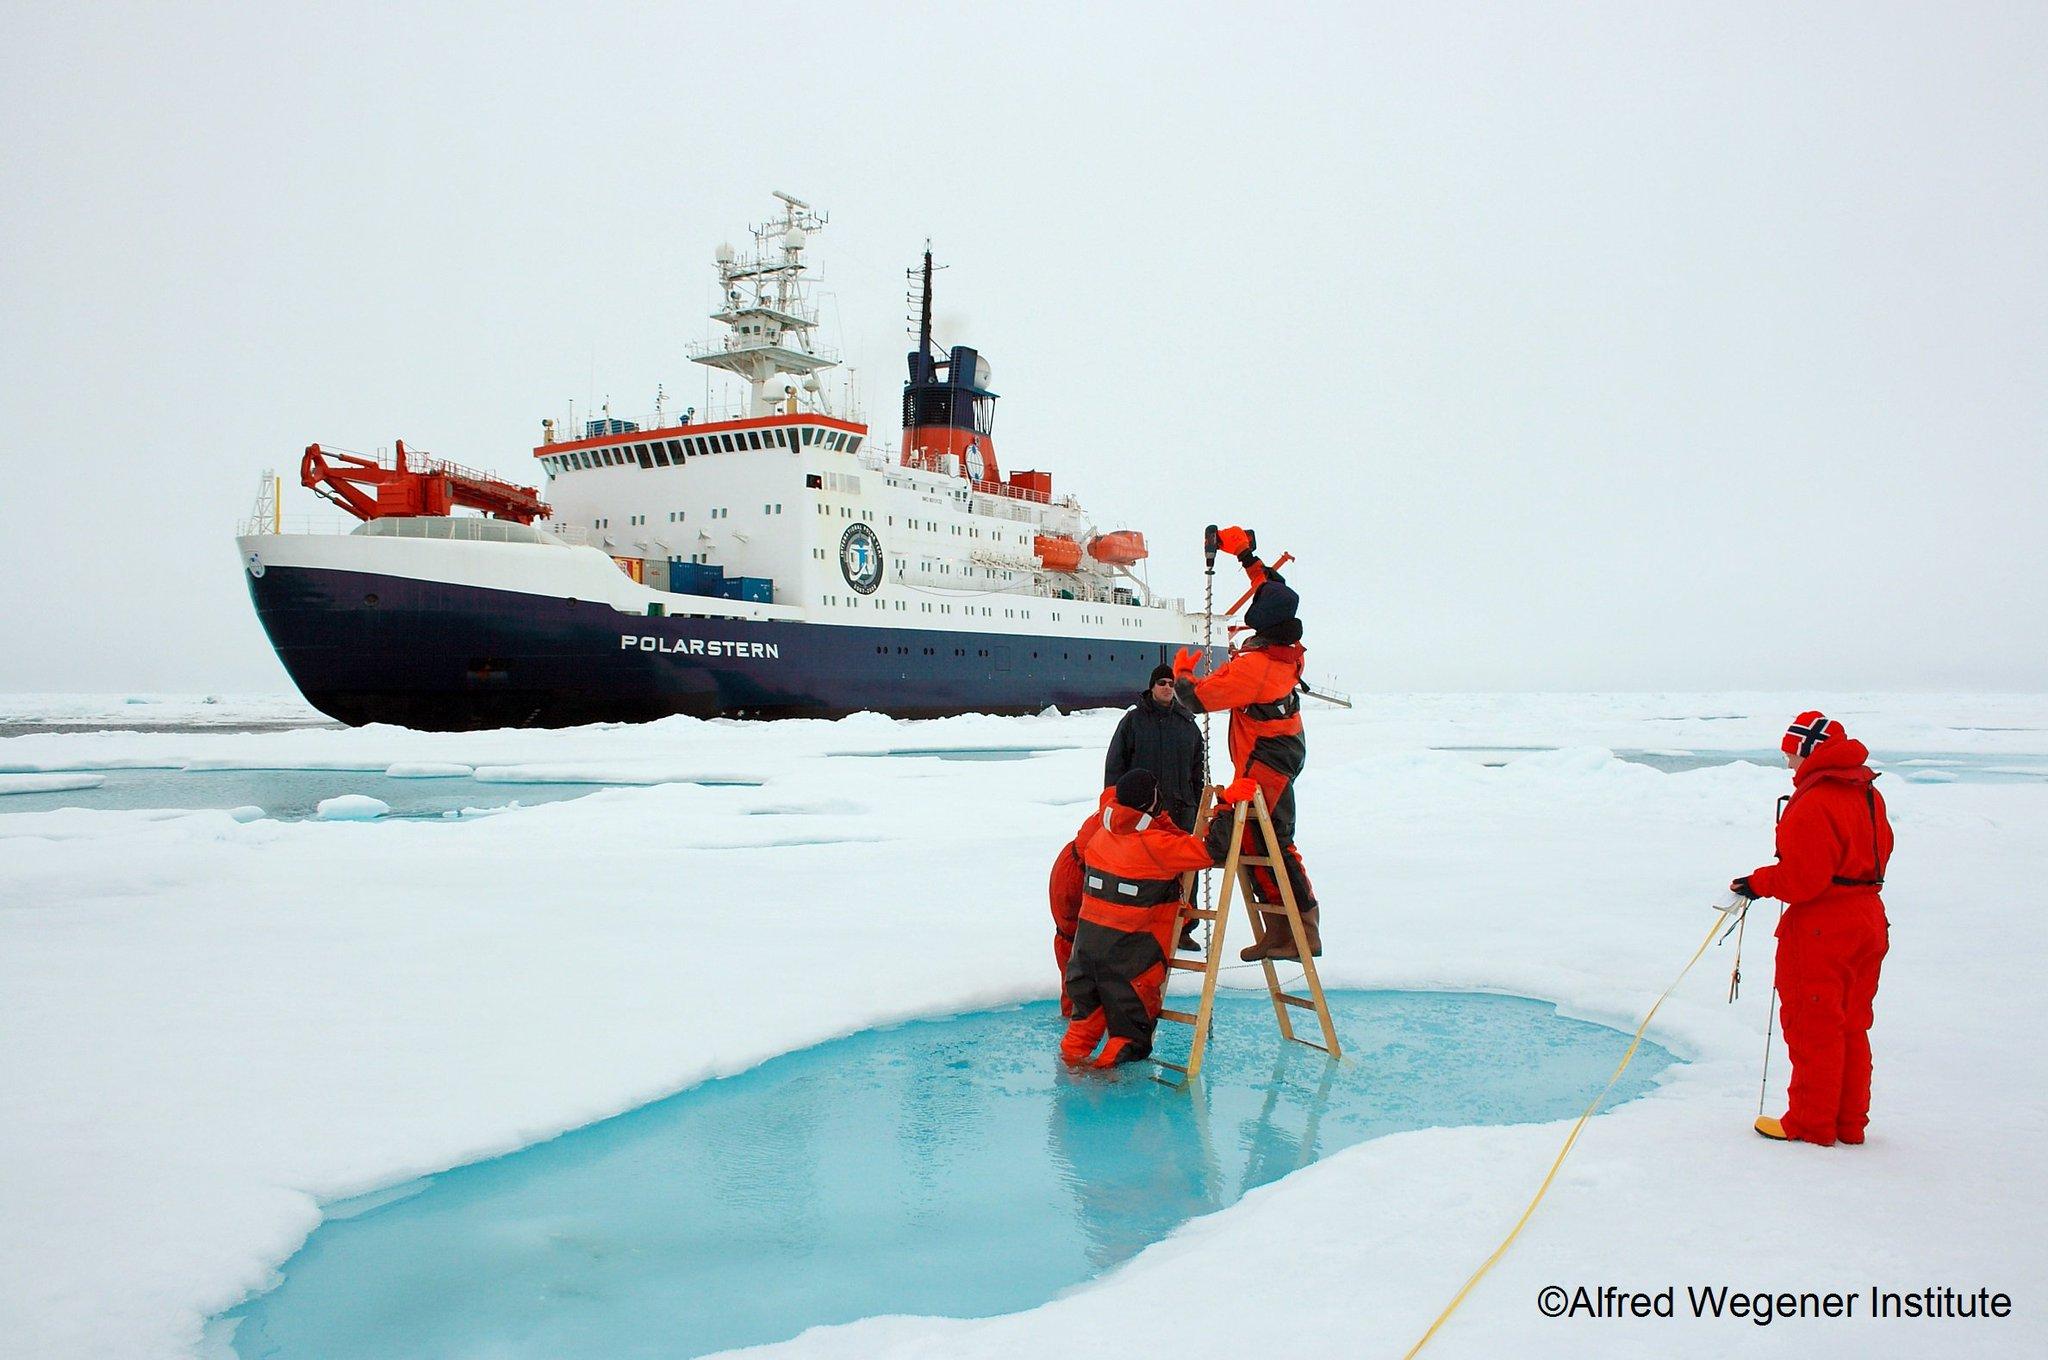 достопримечательность фотографии русские исследователи арктики сохранили дружеские отношения